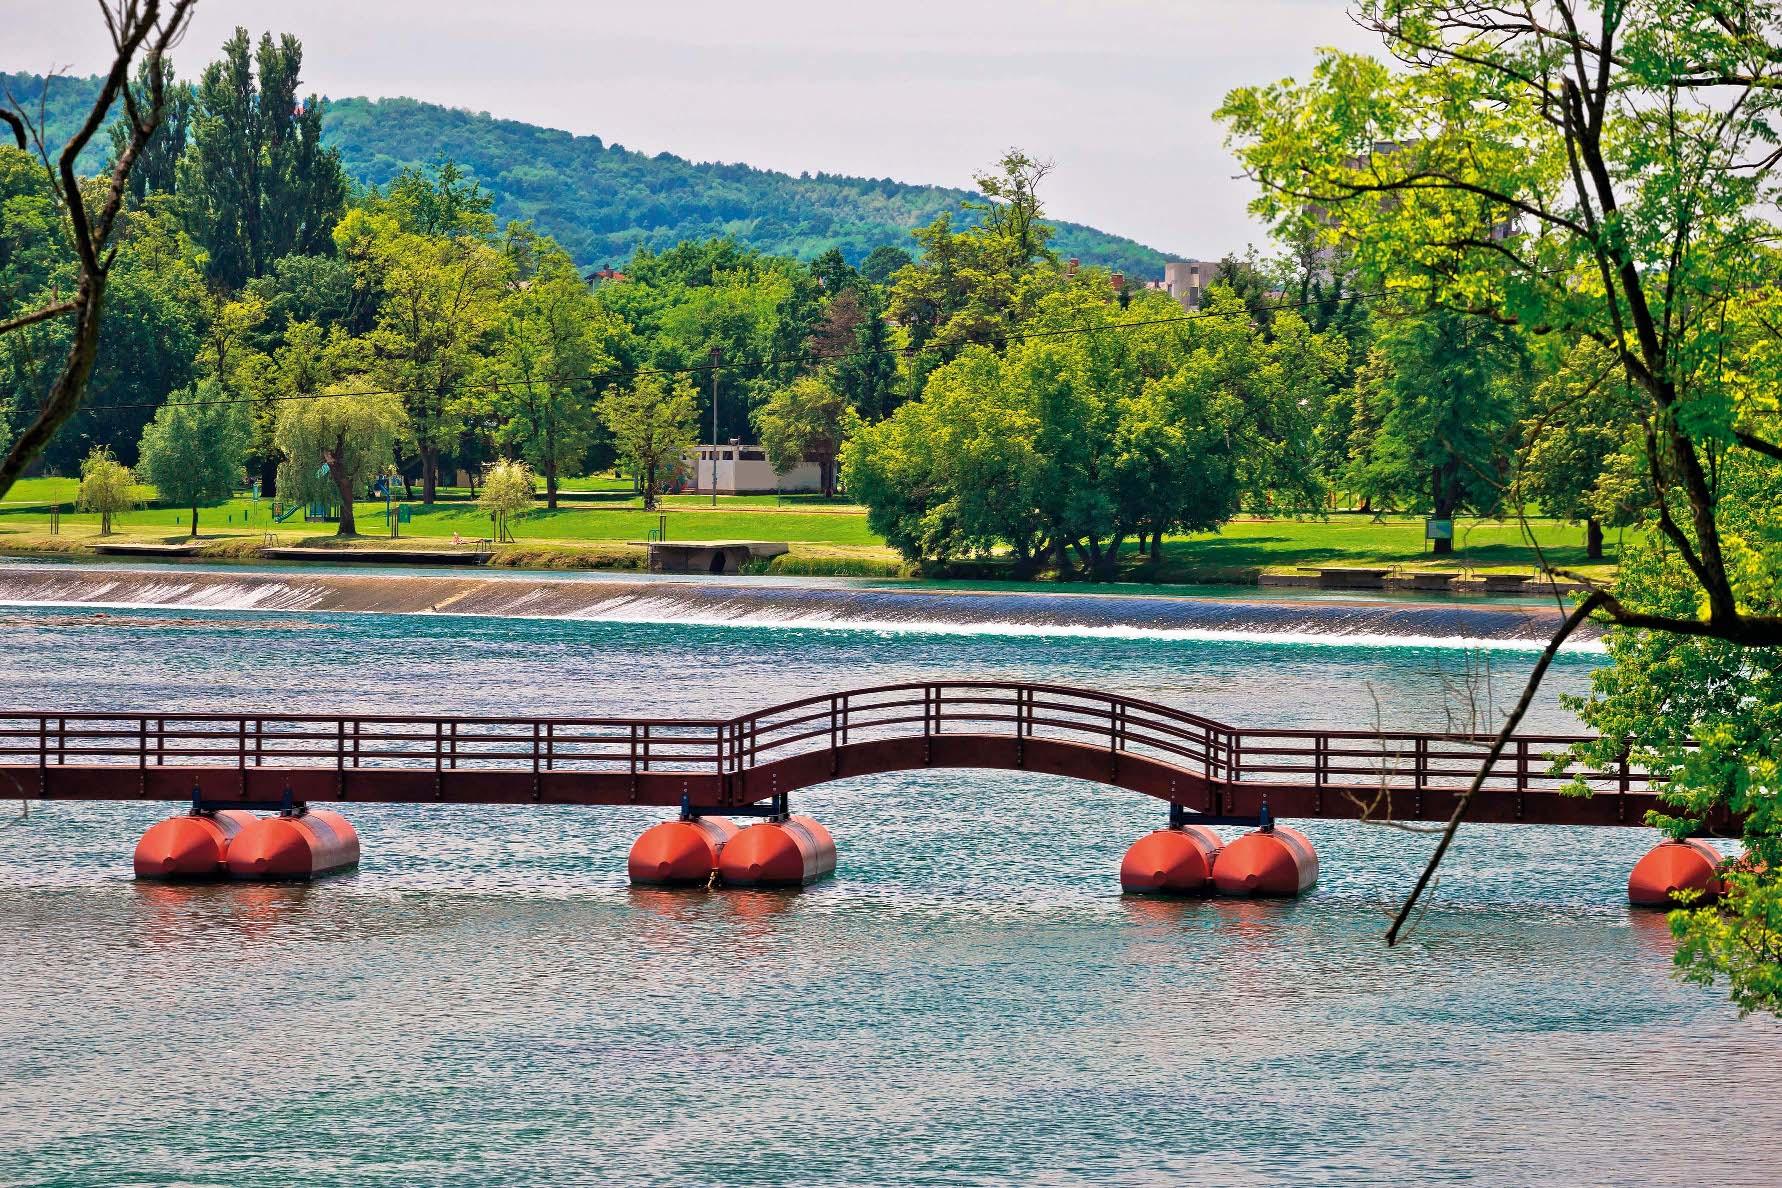 Pontonski most na Korani s lukom za prolazak čamaca